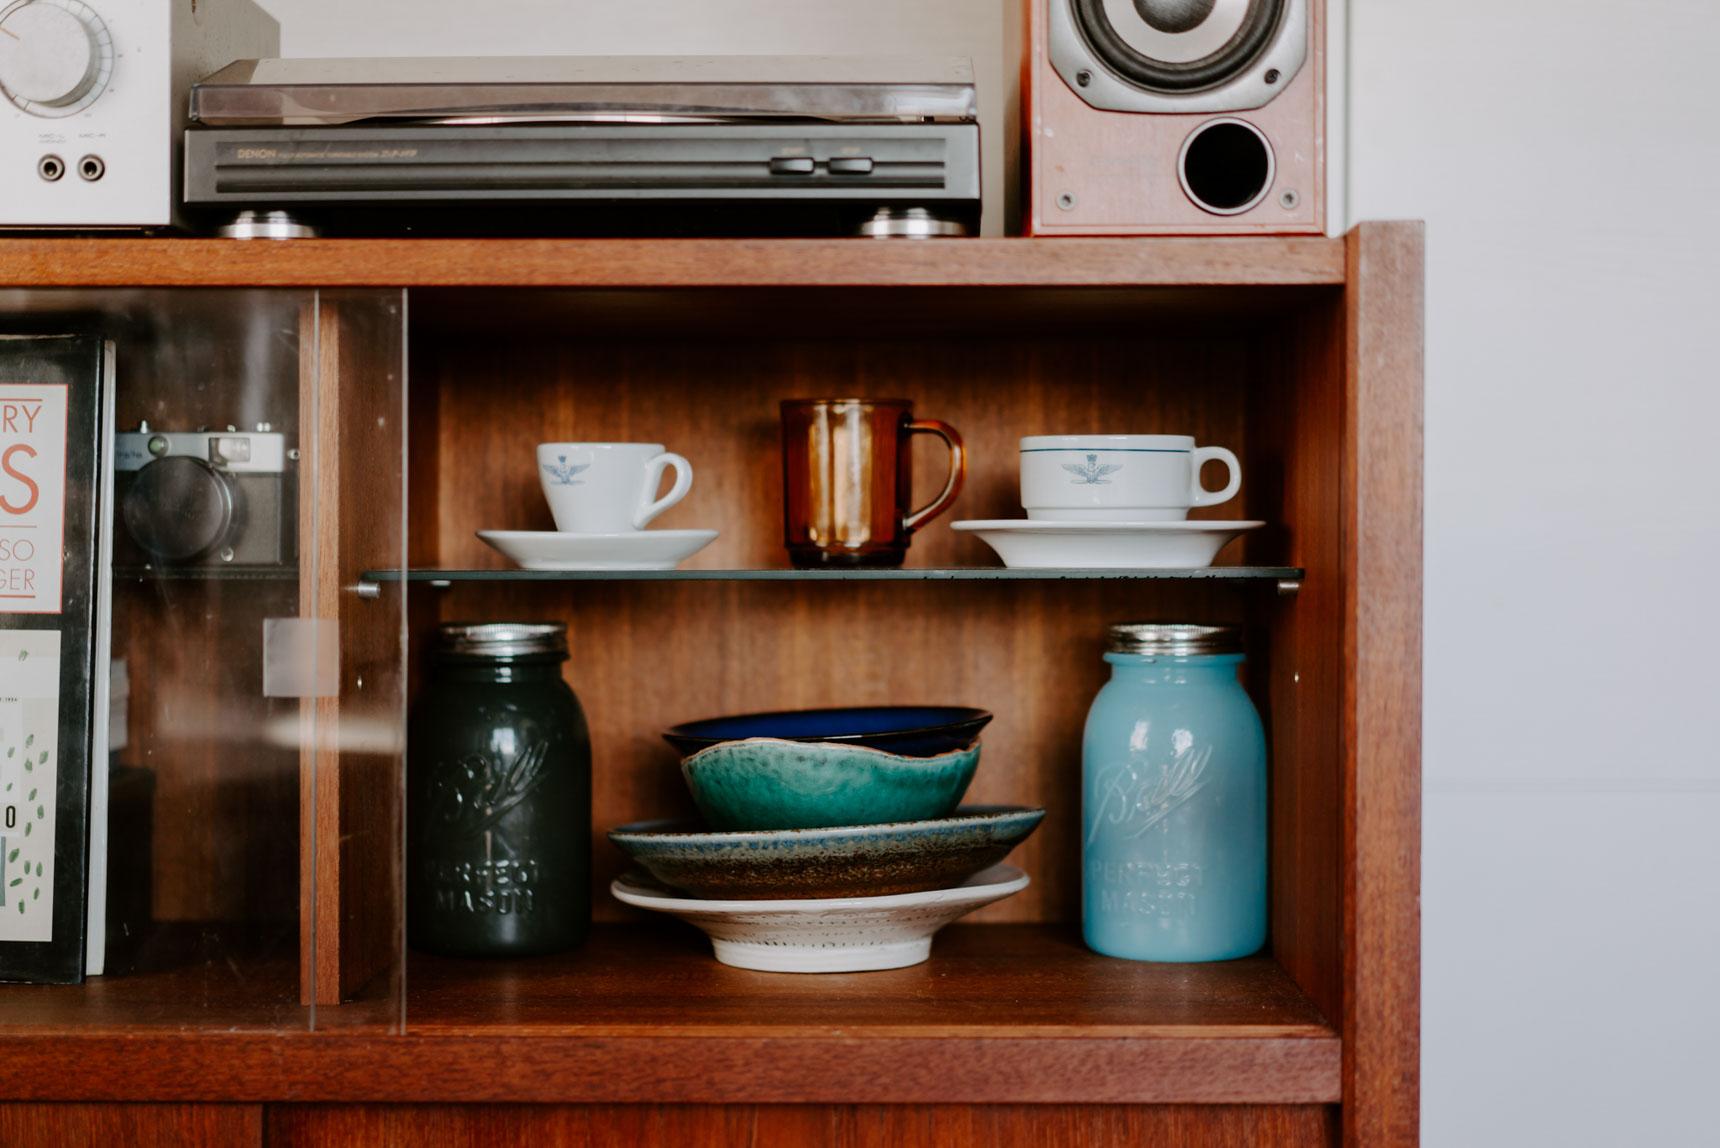 レコード棚の上段には、お気に入りの器も。下の器は、おばあさまから譲っていただいたもの。